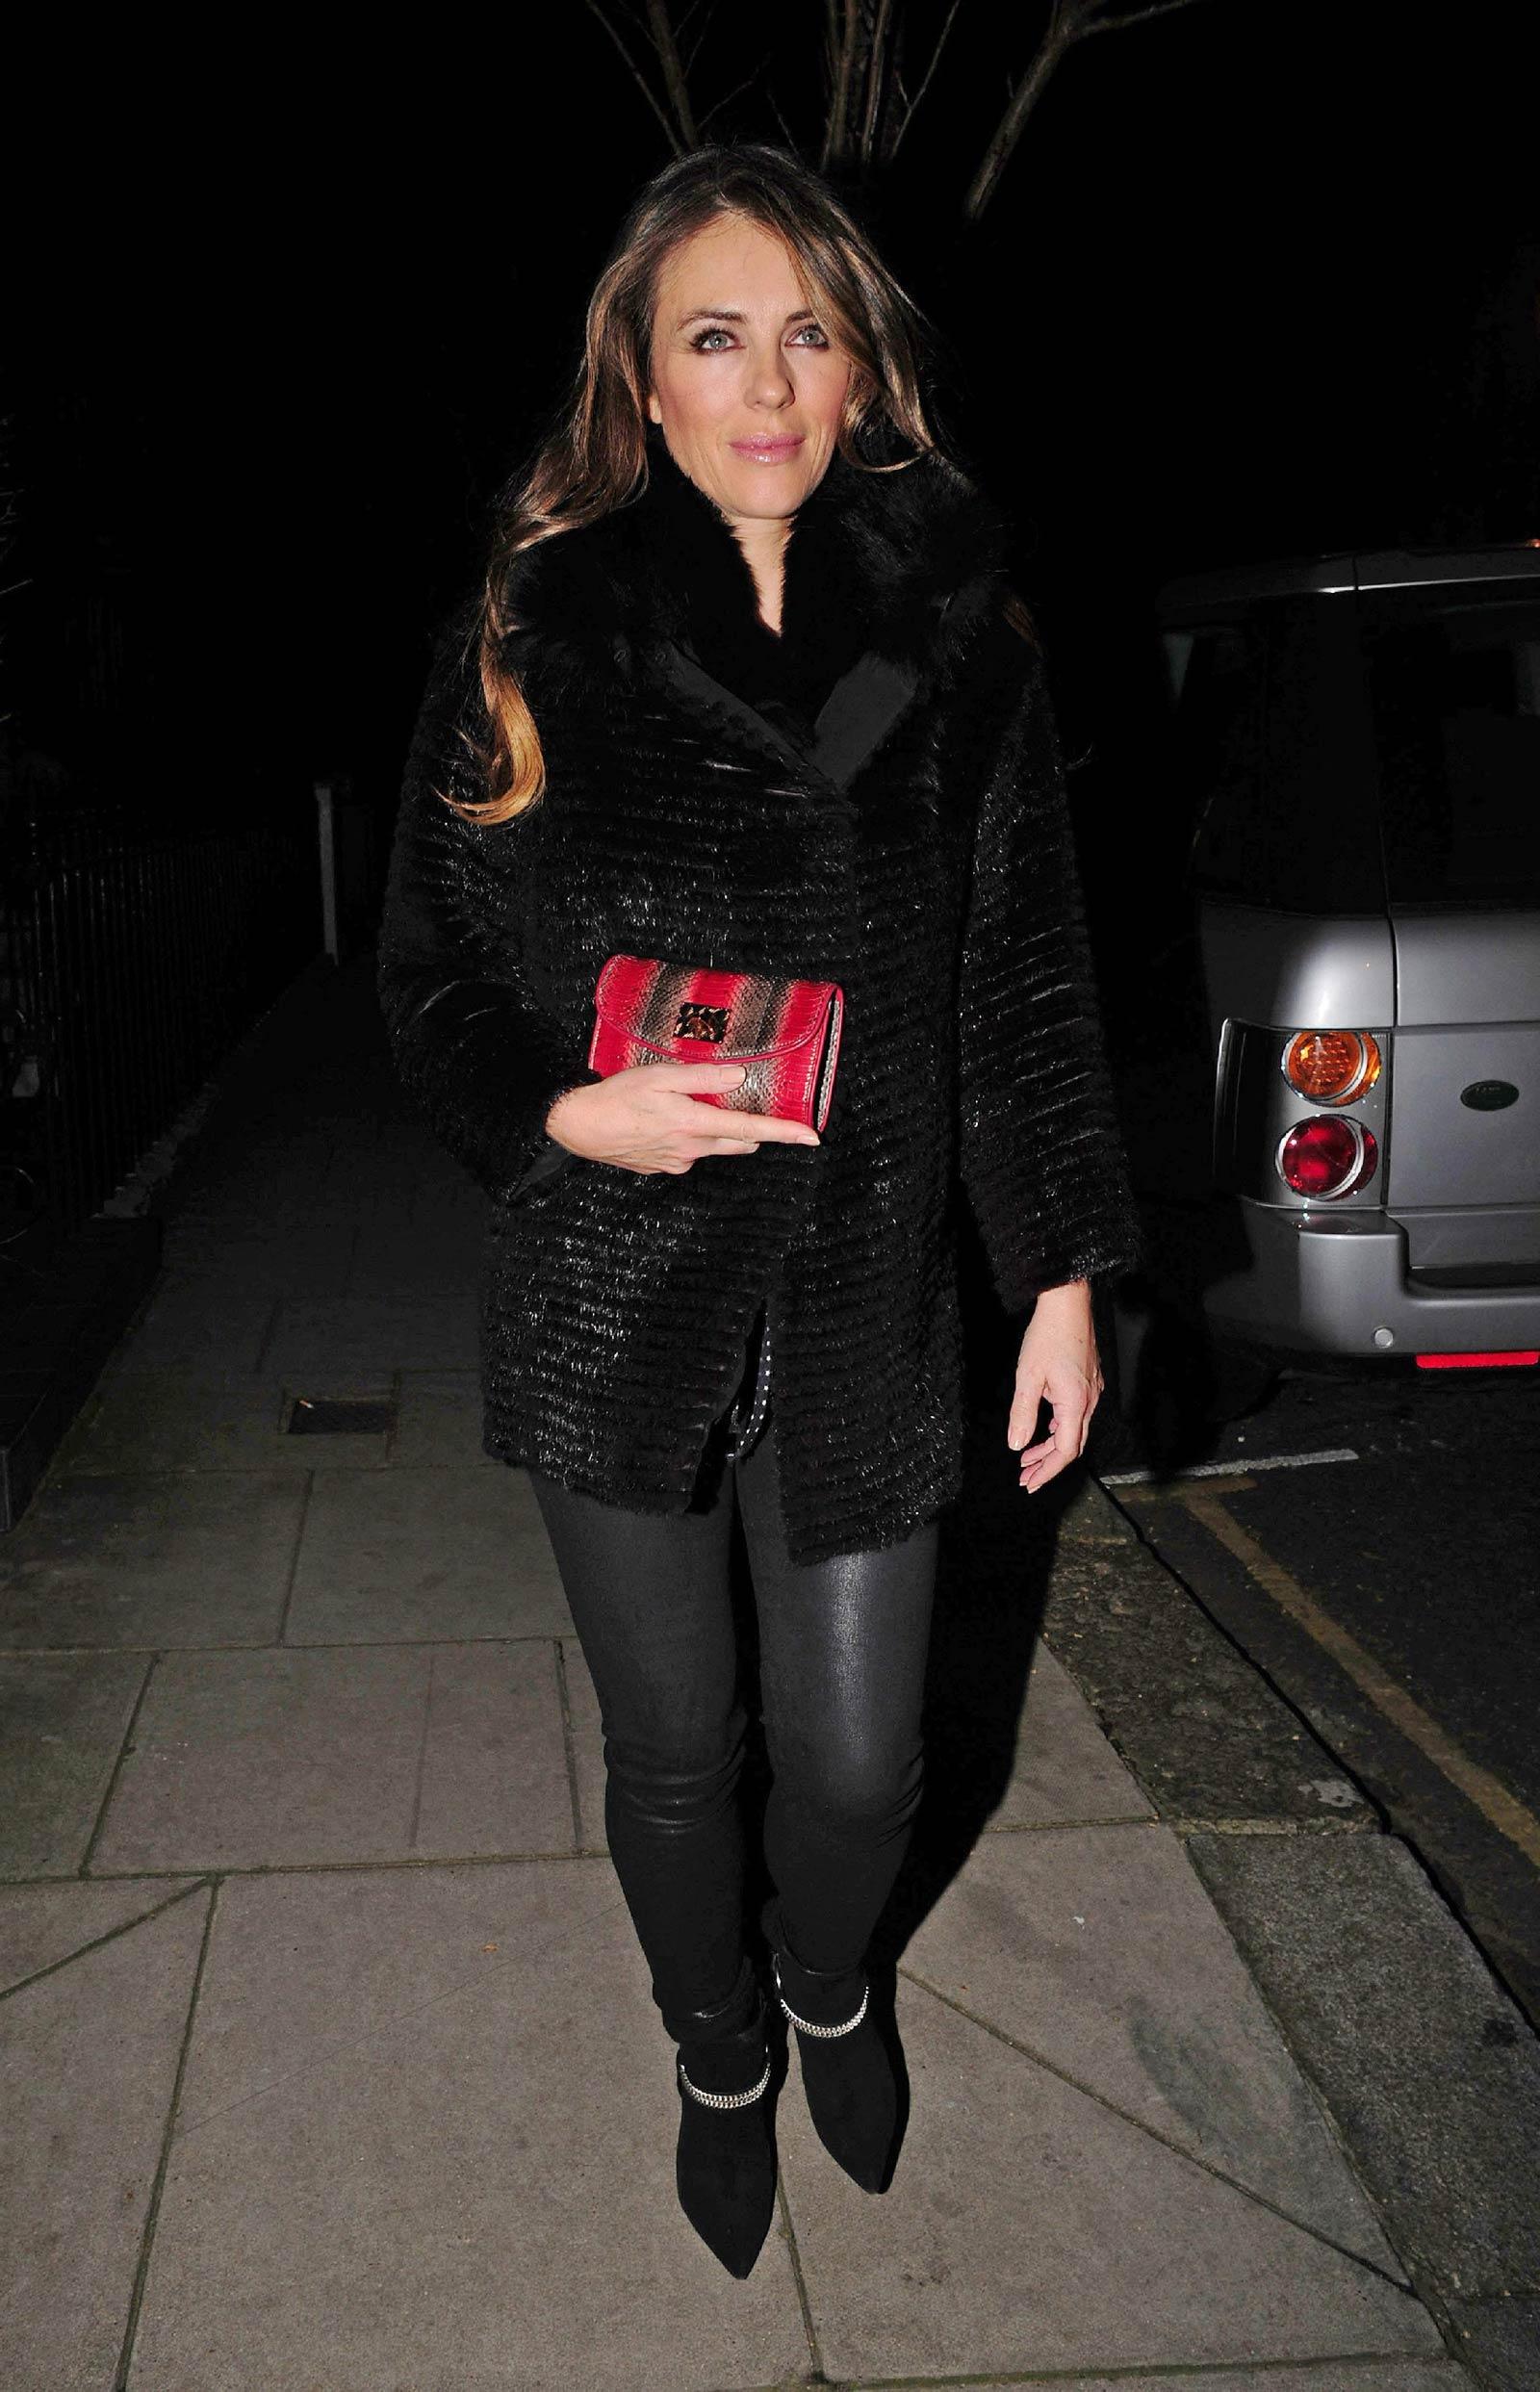 Elizabeth Hurley leaving her home in London